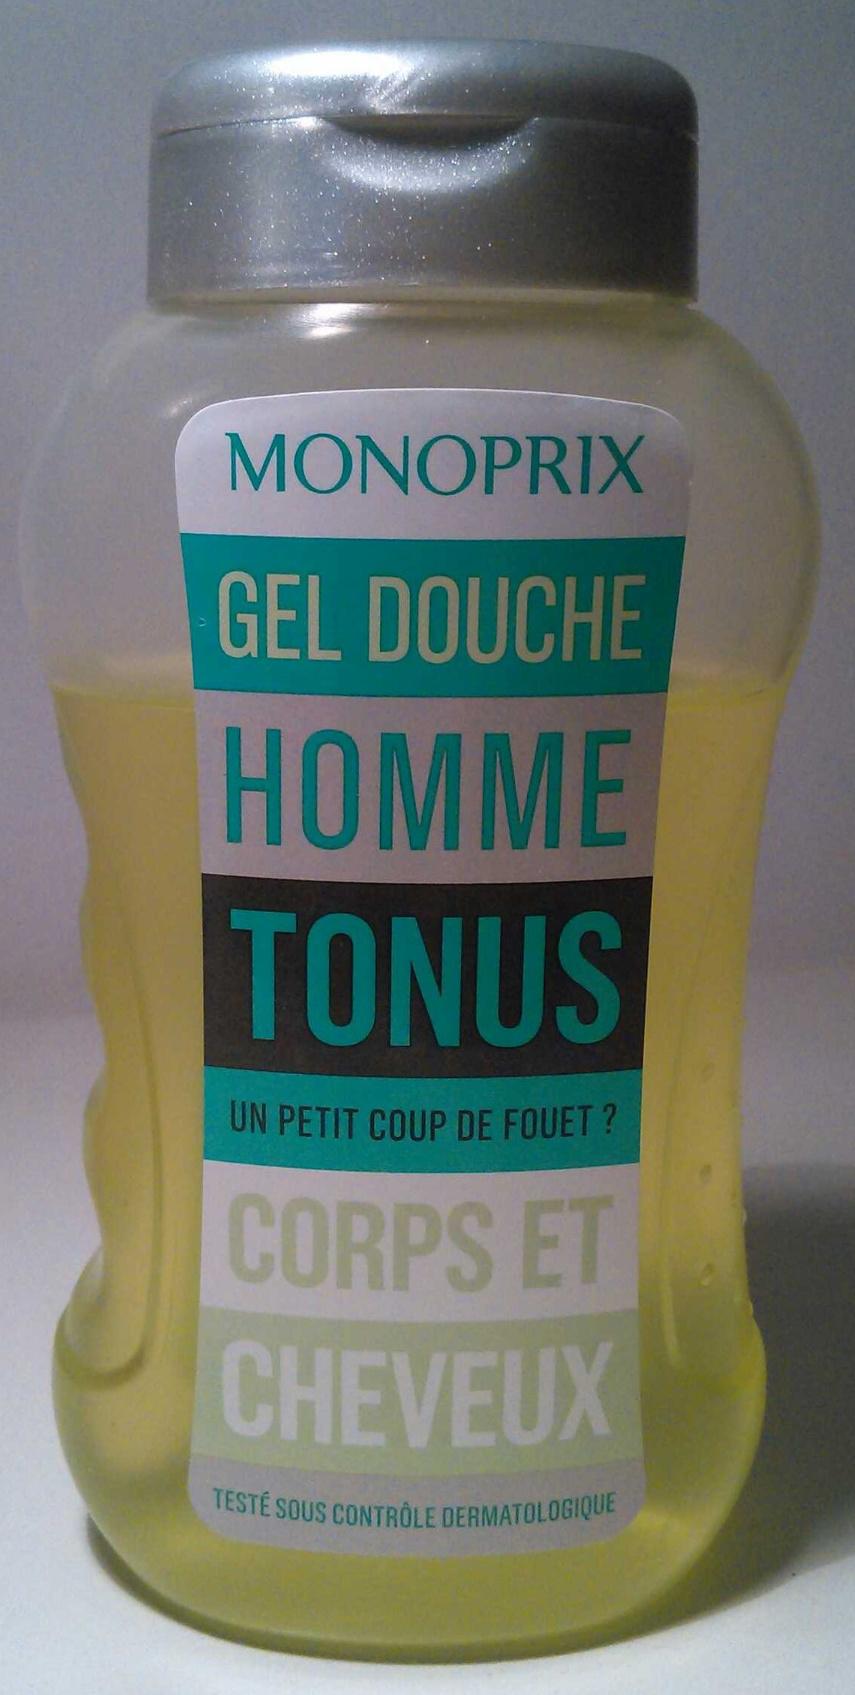 Gel douche homme Tonus Corps et cheveux - Produit - fr